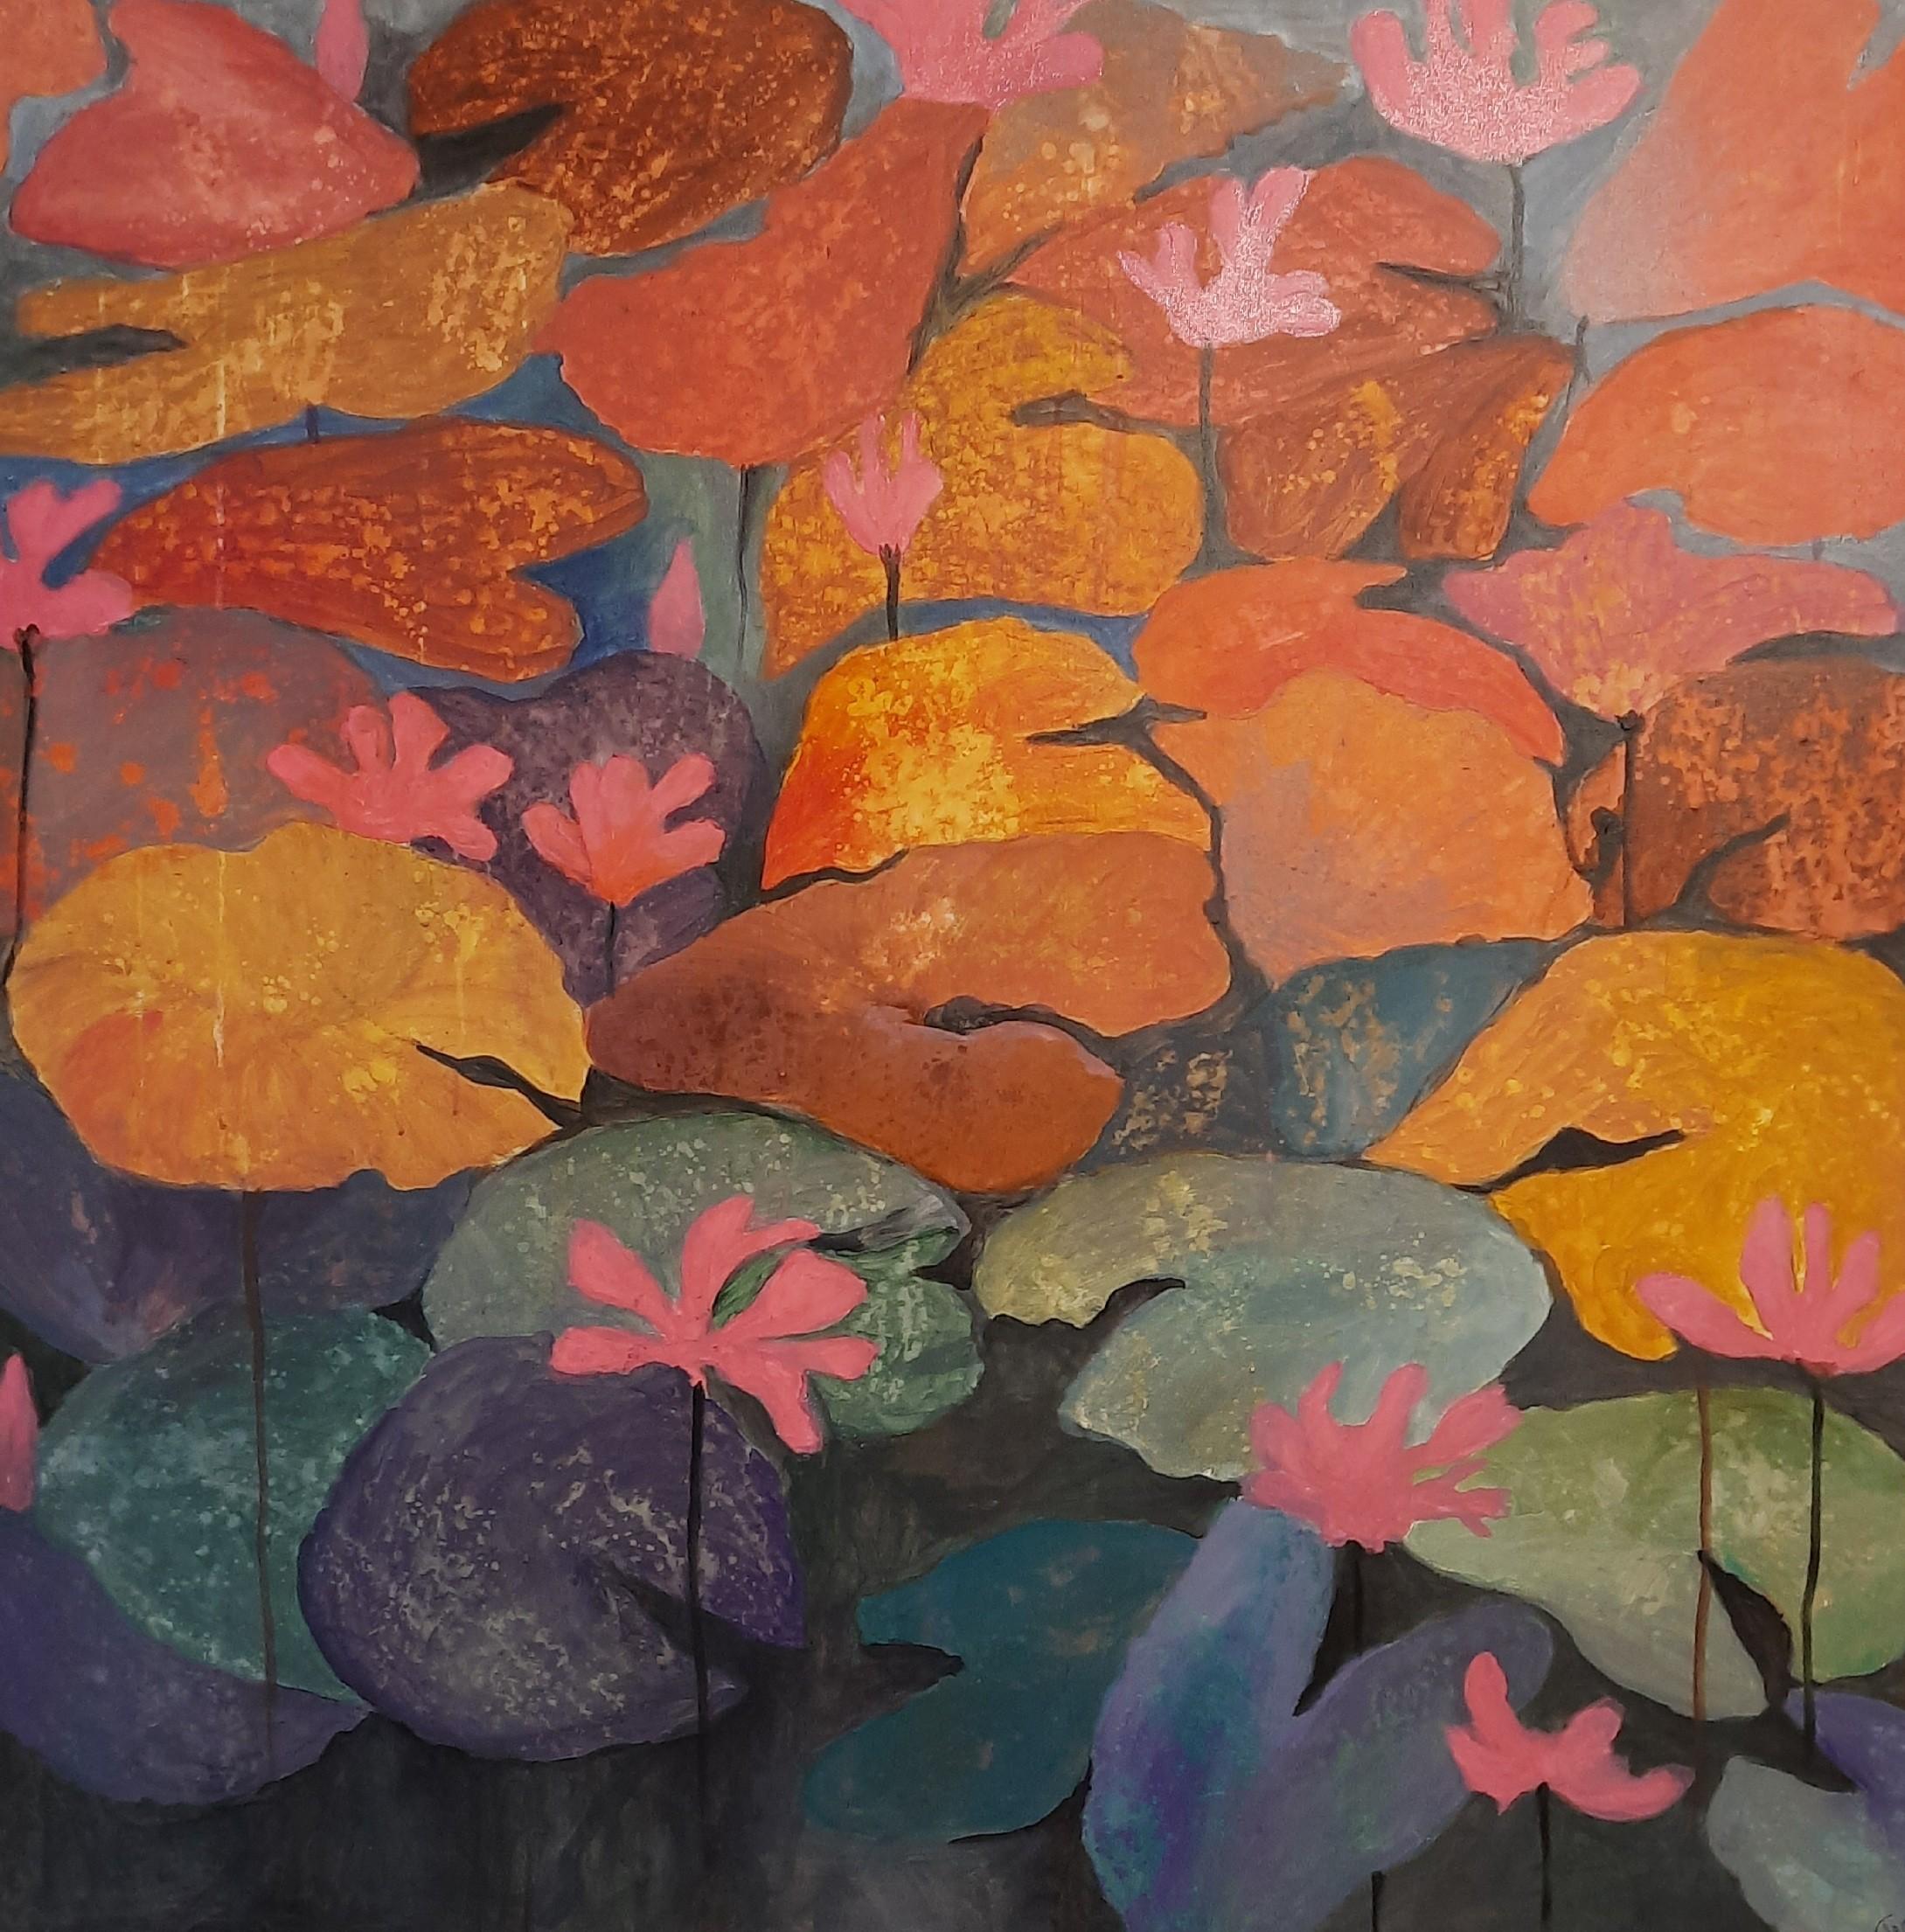 Water lilies by Jean wijesekera